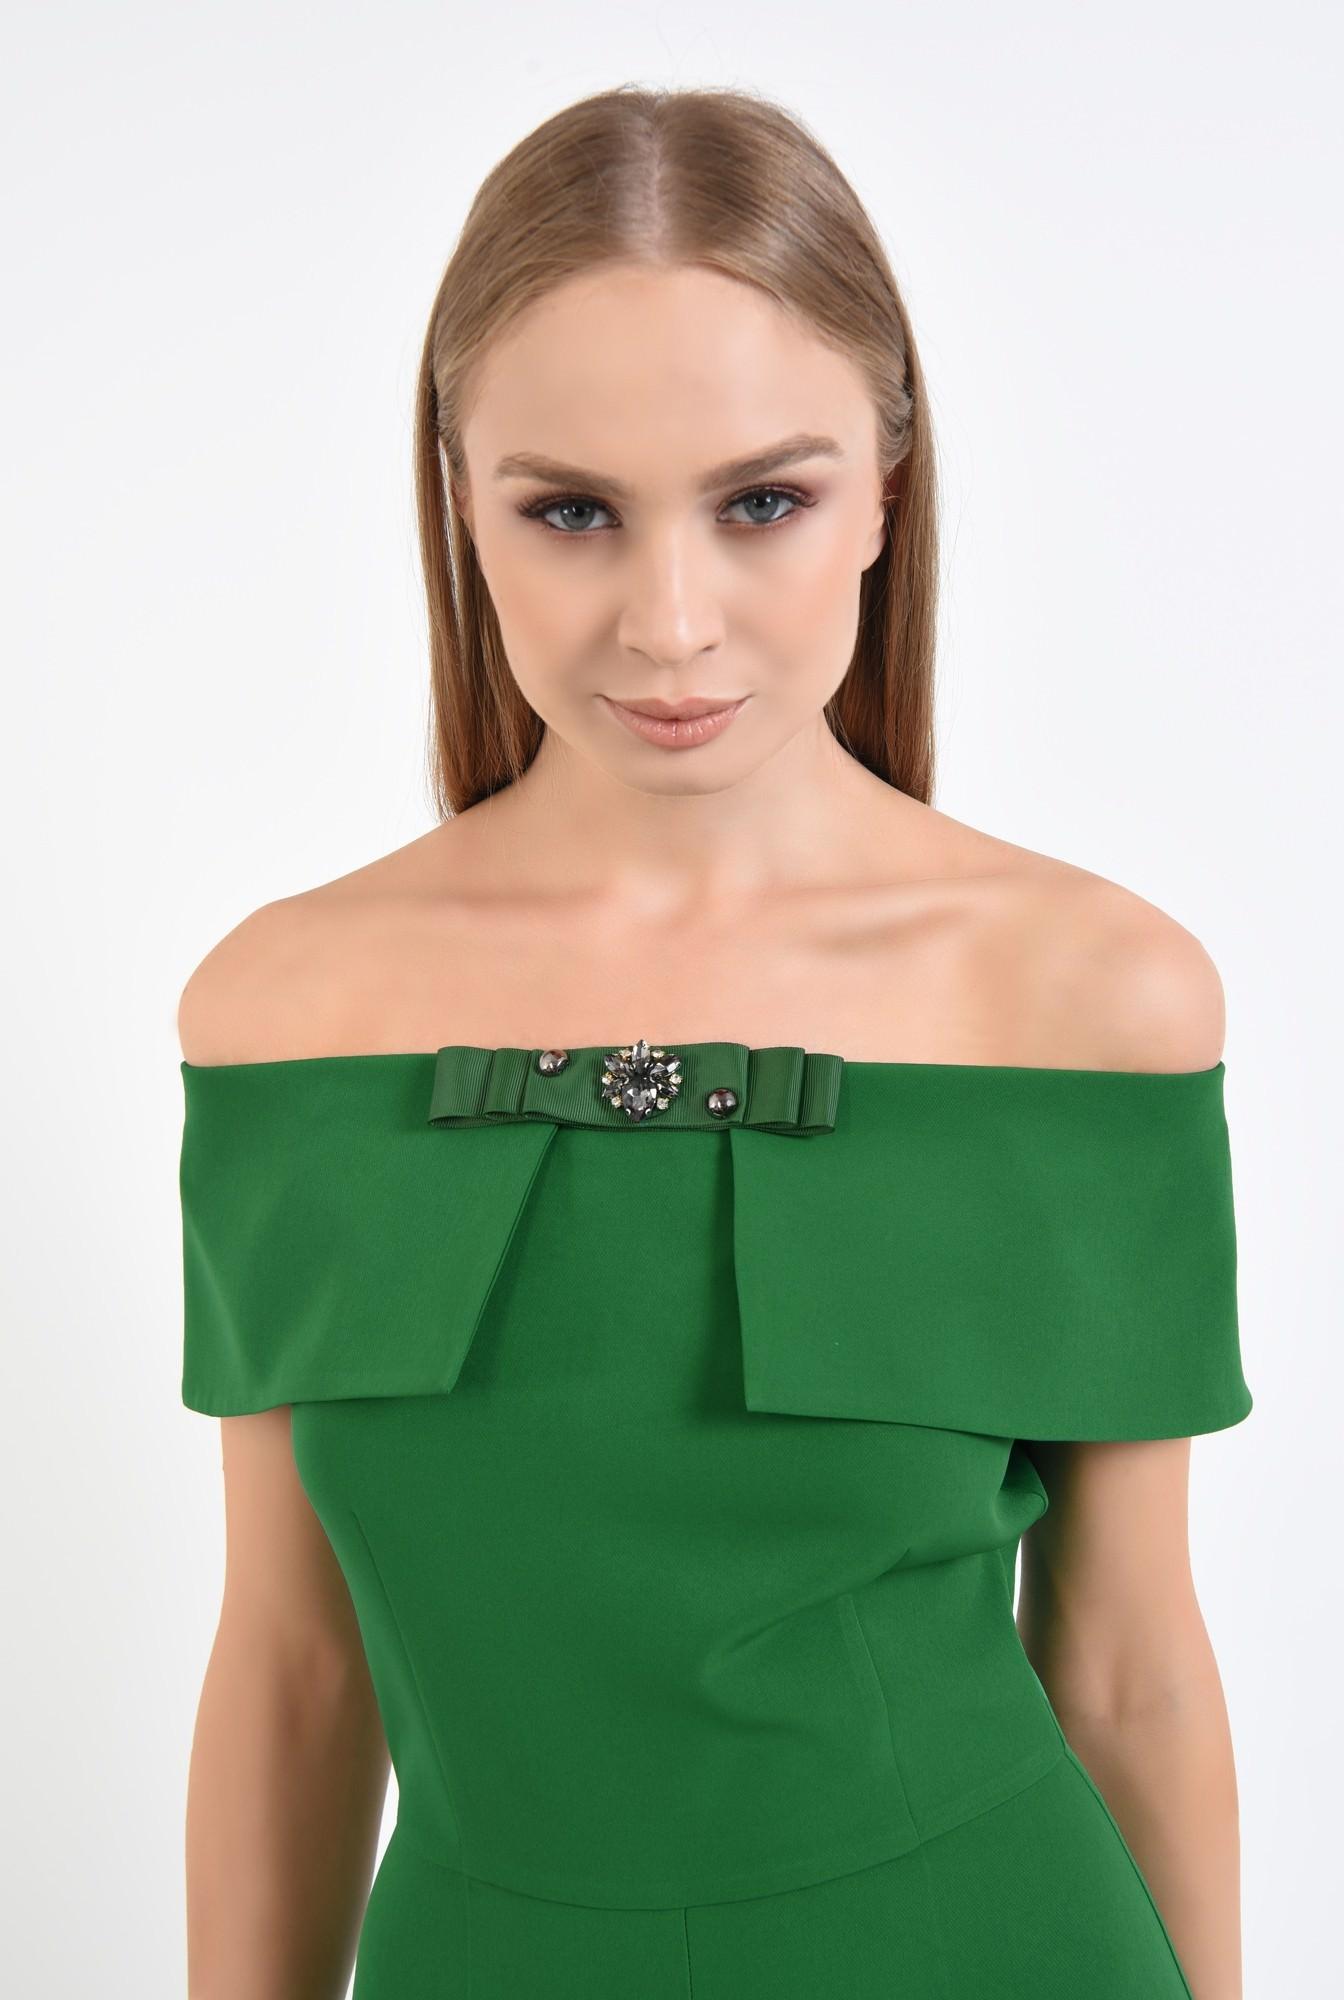 2 - salopeta eleganta, verde, brosa, umeri goi